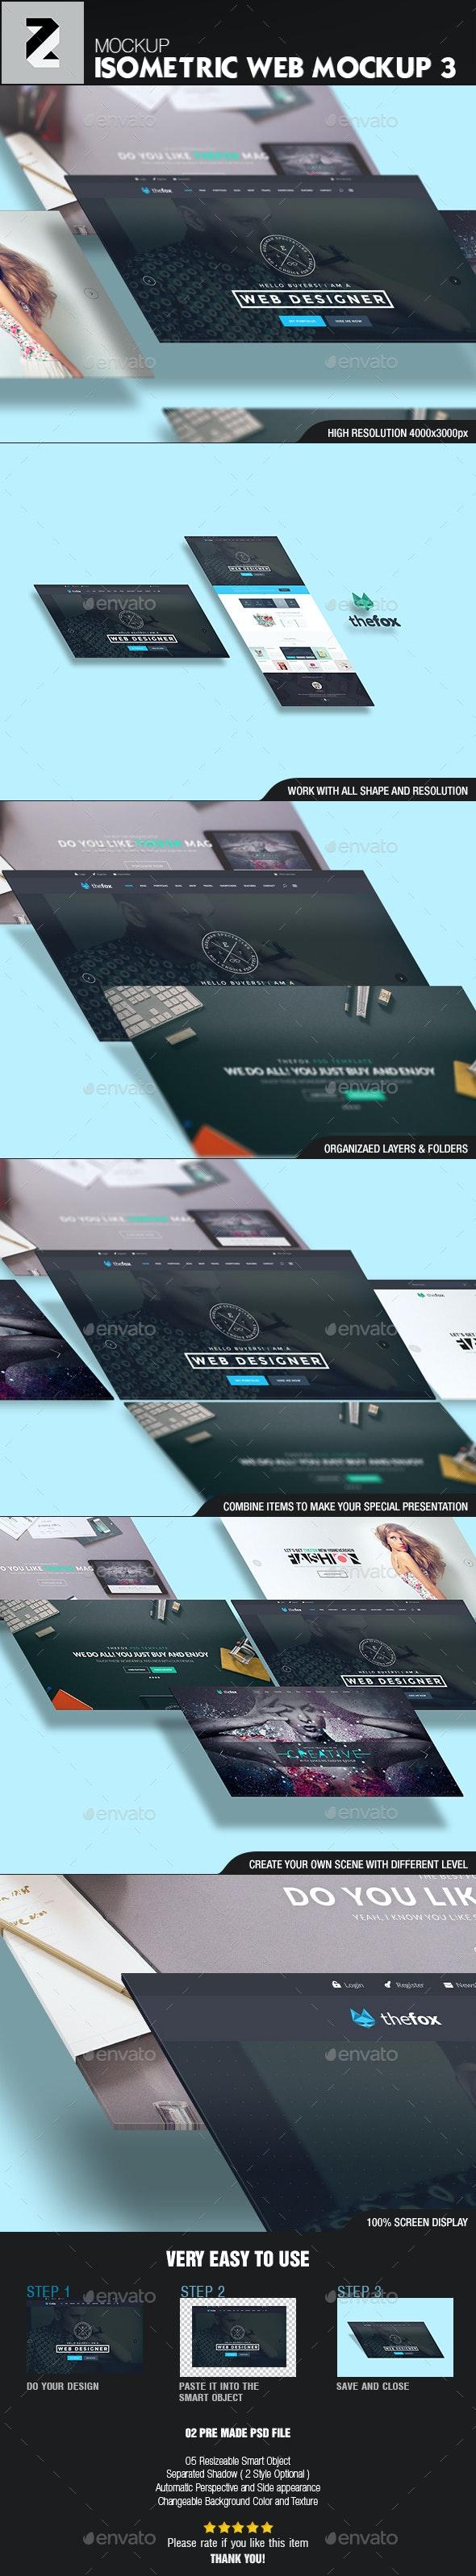 Isometric Web n App Mockup 3 - Website Displays